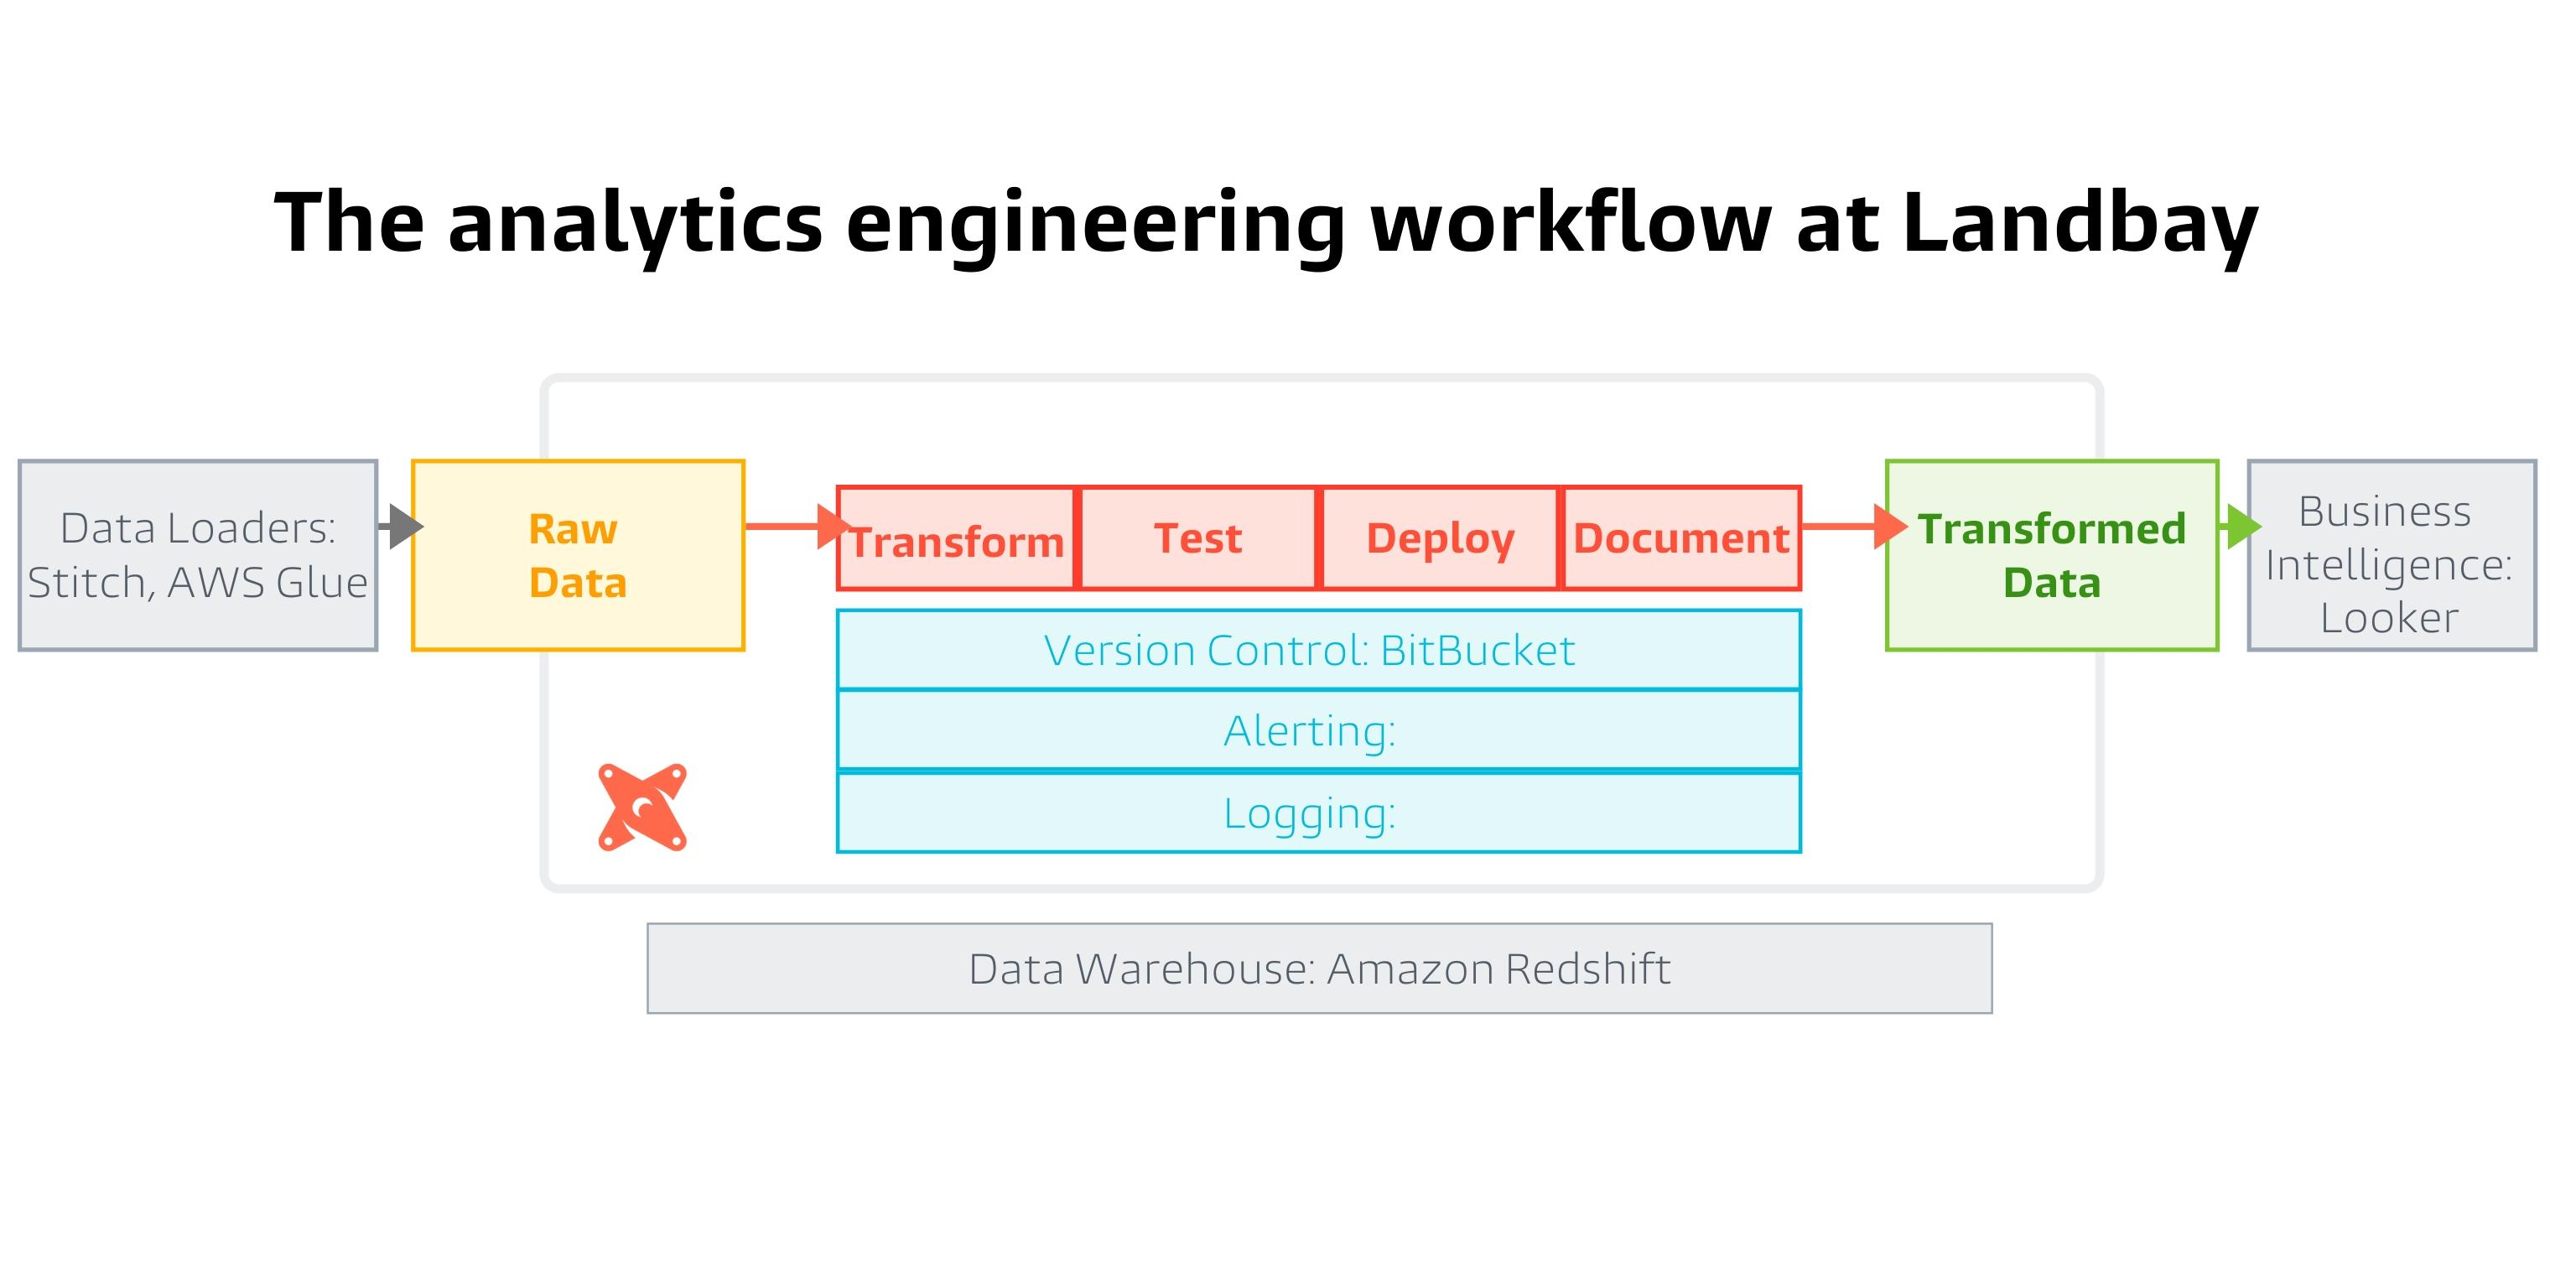 Landbay's Analytics Engieering Workflow